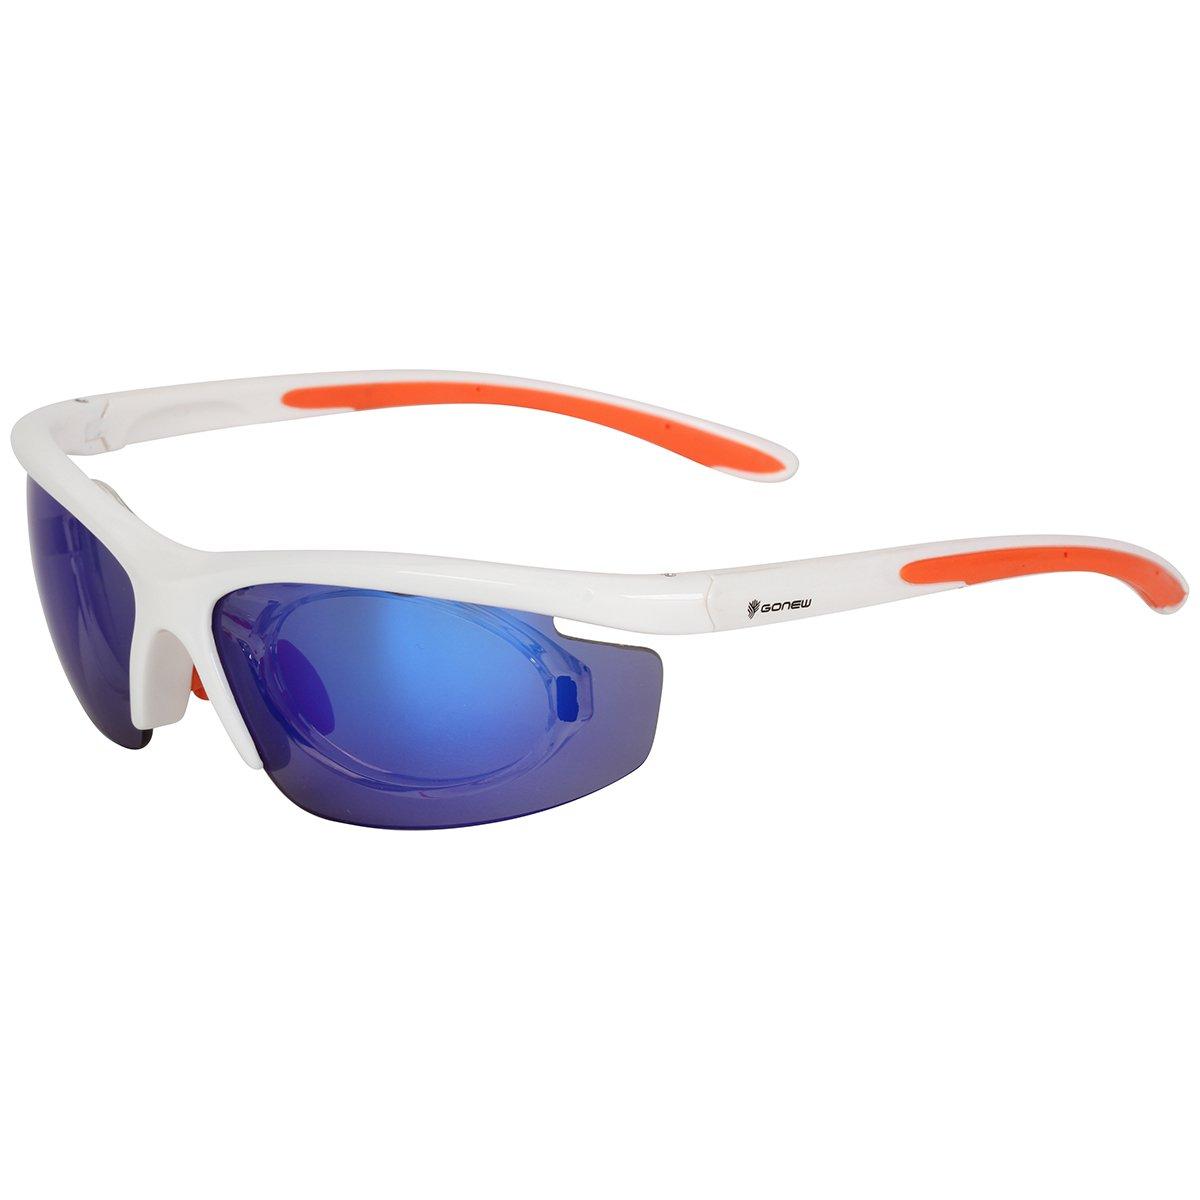 ... Óculos Gonew Fitter com Clip para Grau Removível - Polarizado ... a41871f93d